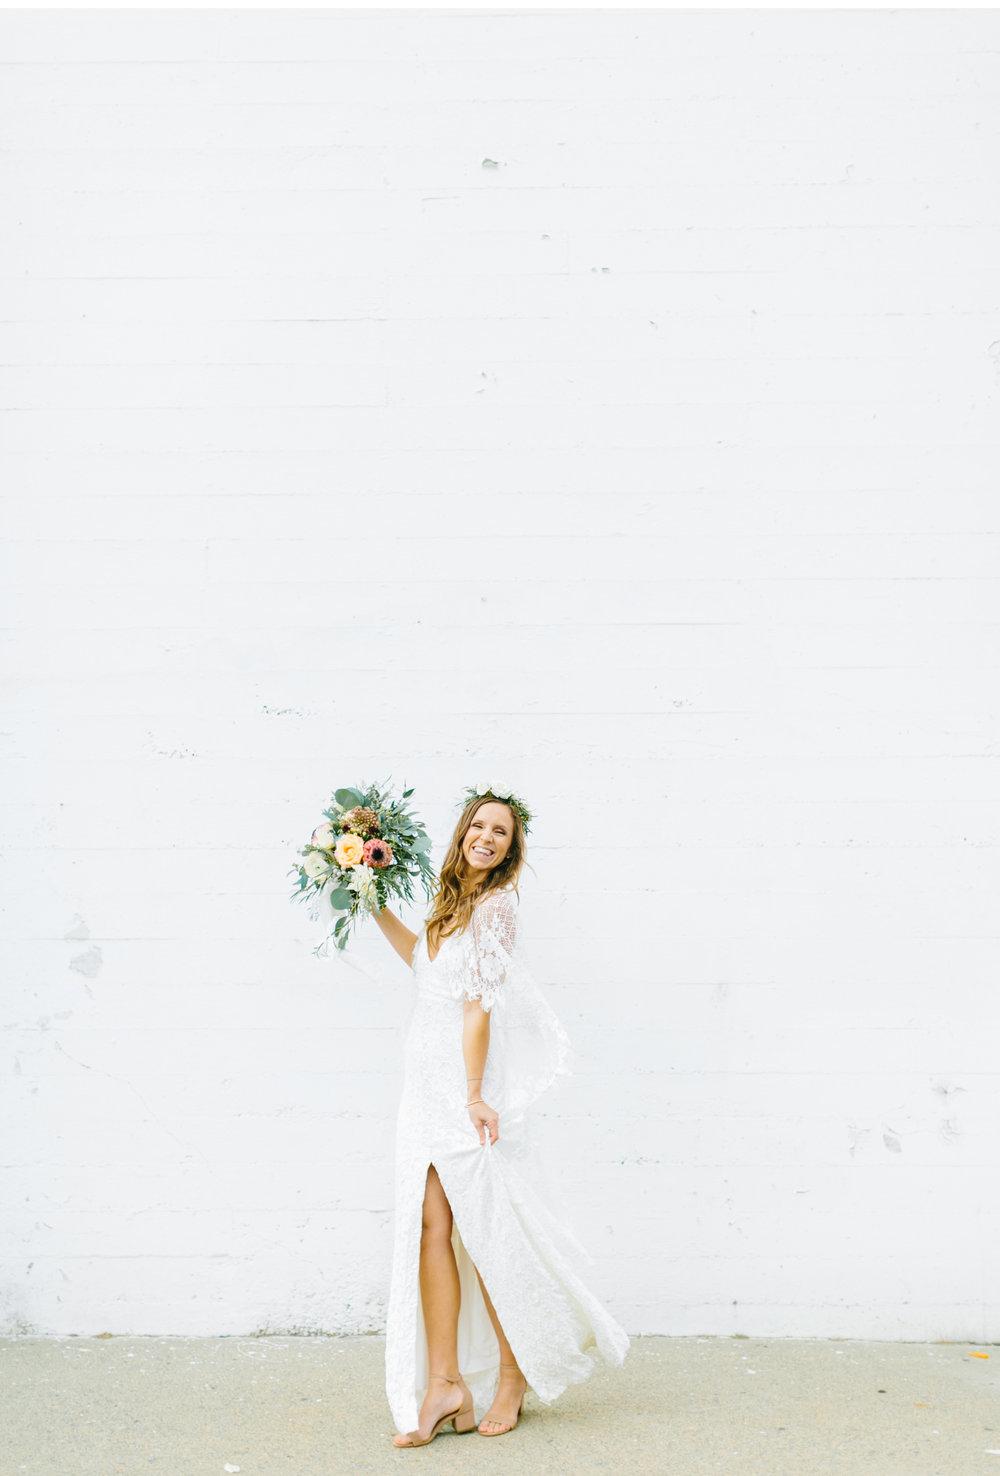 Best-First-Look-Wedding-San-Clemente-Natalie-Schutt-Photography_01.jpg